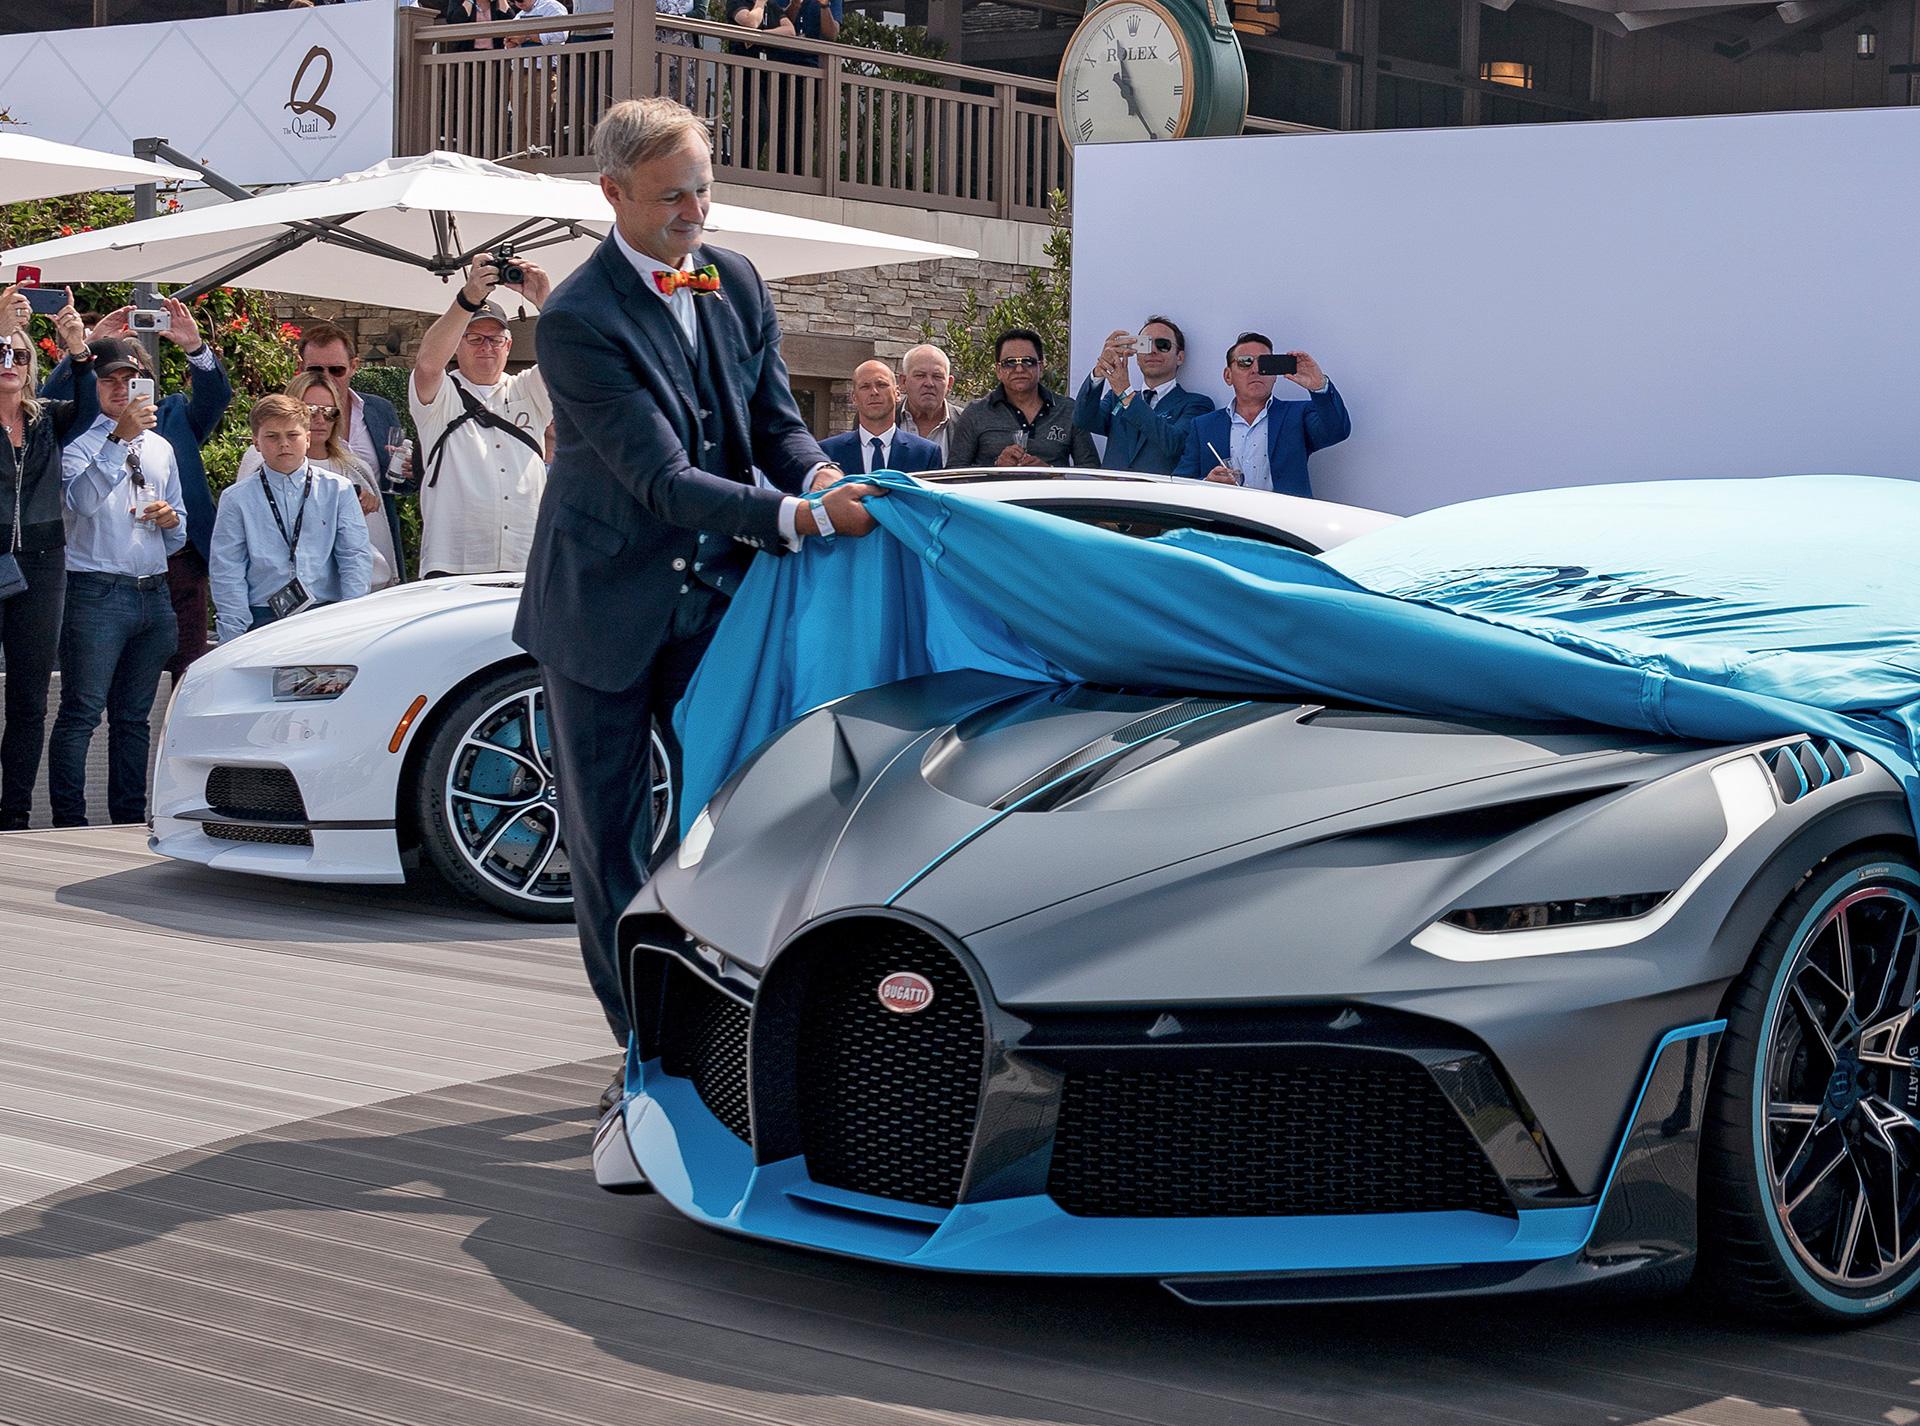 The Bugatti Divo Exists Because Lamborghini S Special Edition Supercars Are So Successful